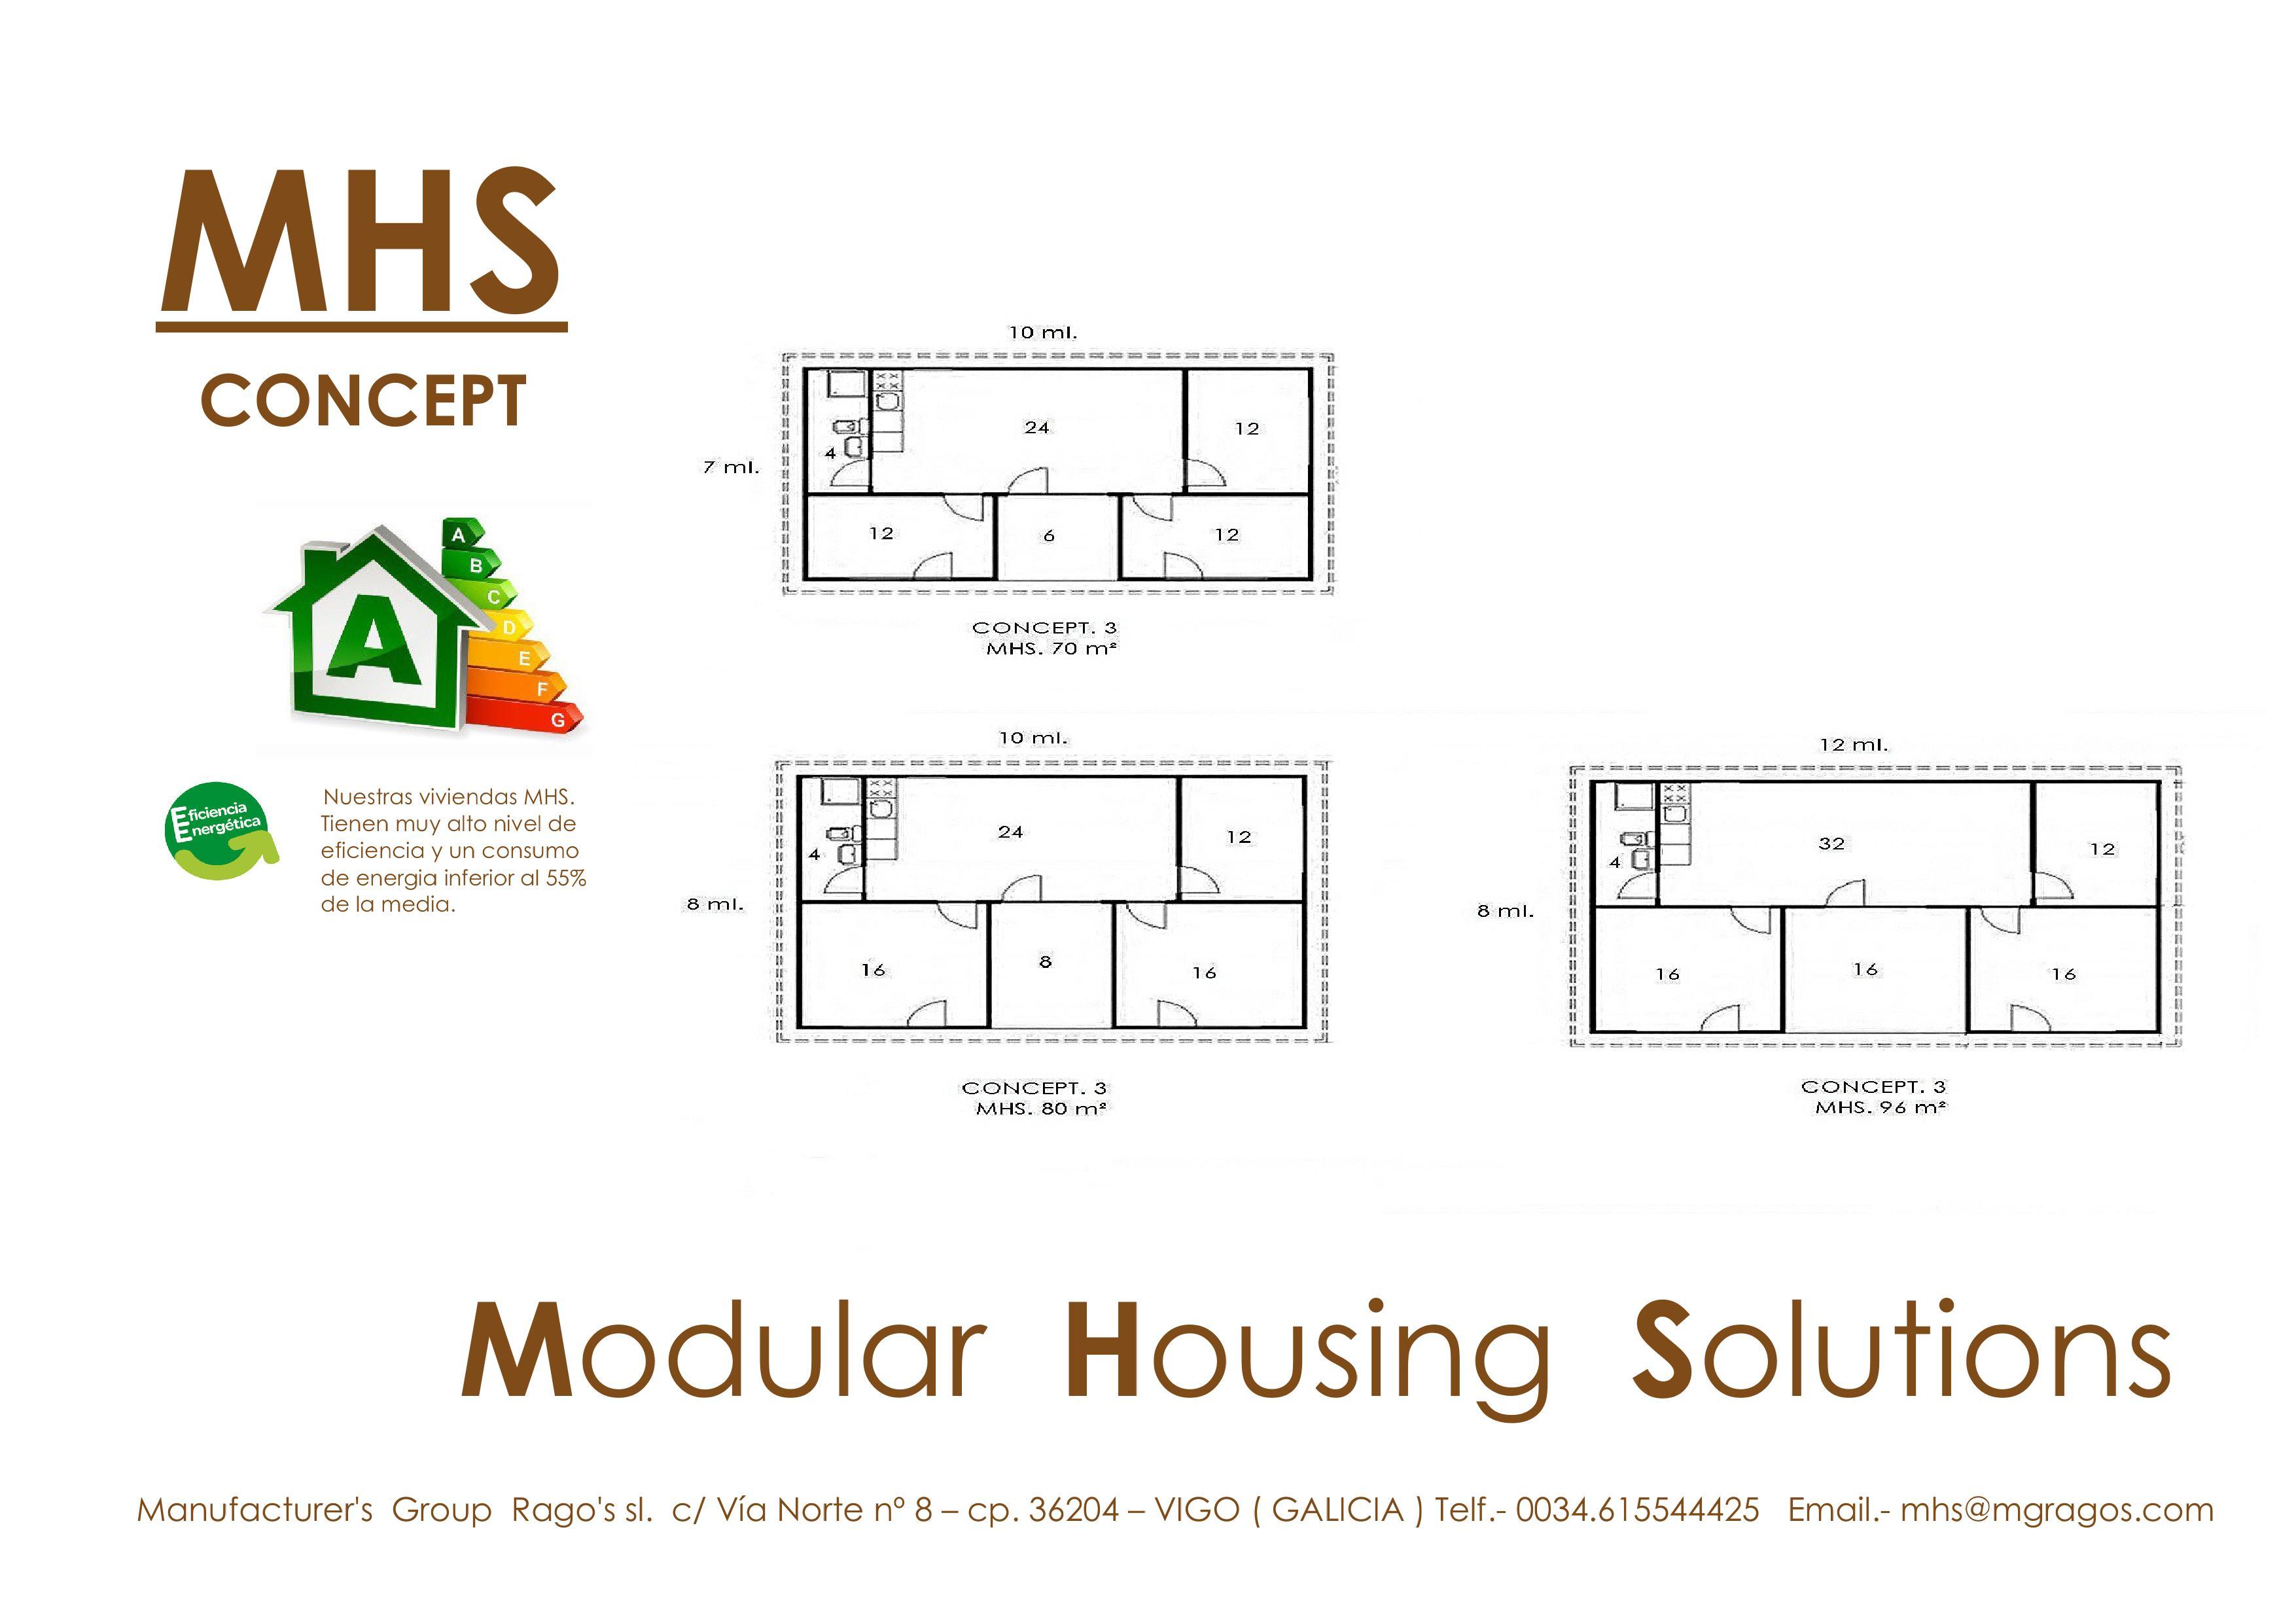 Modelo MHS CONCEPT-9